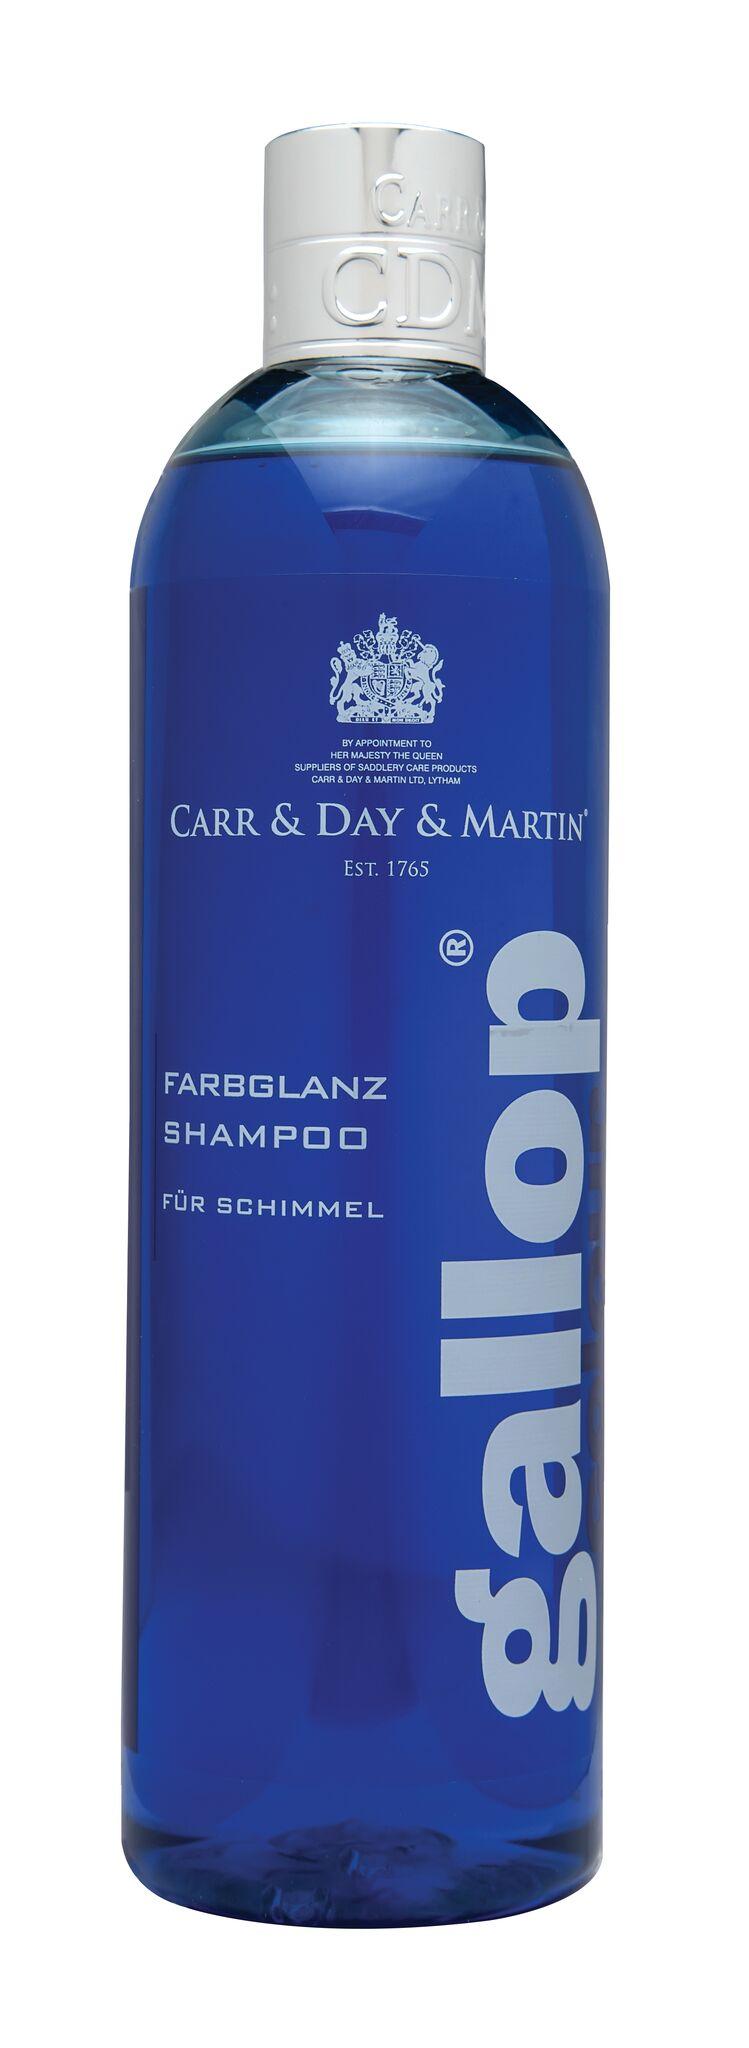 Carr & Day & Martin Gallop Farbglanz Shampoo für Schimmel